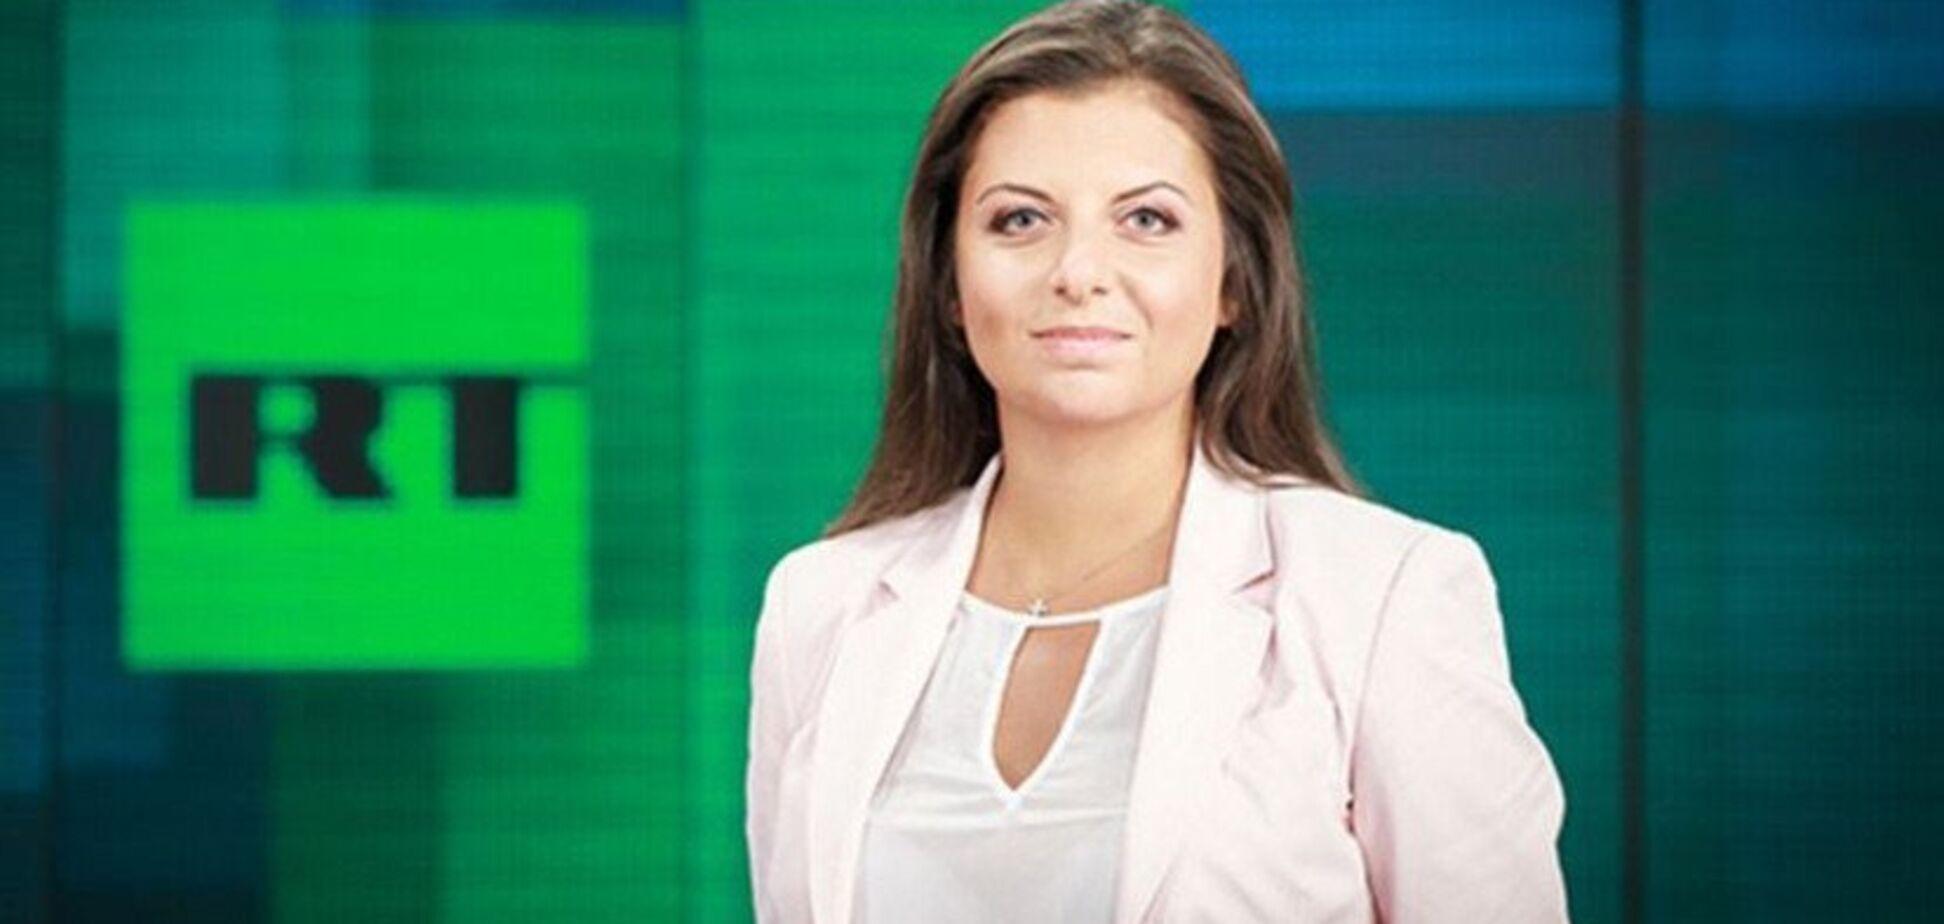 ''Яка тупість!' Російську пропагандистку Симоньян присоромили у мережі